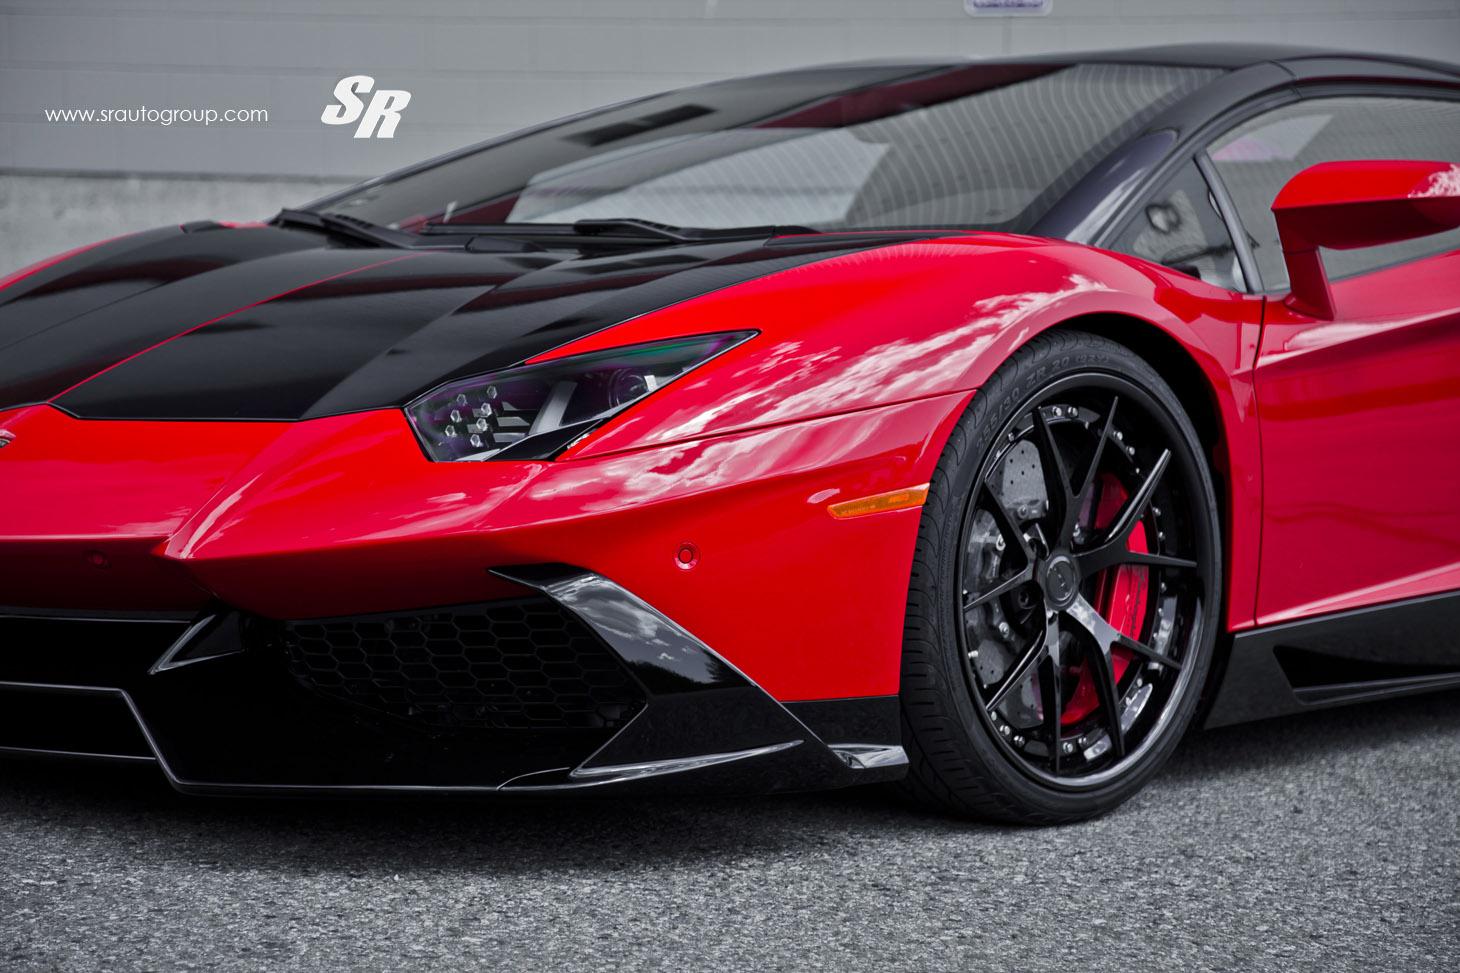 Cool Paint Job On Lamborghini